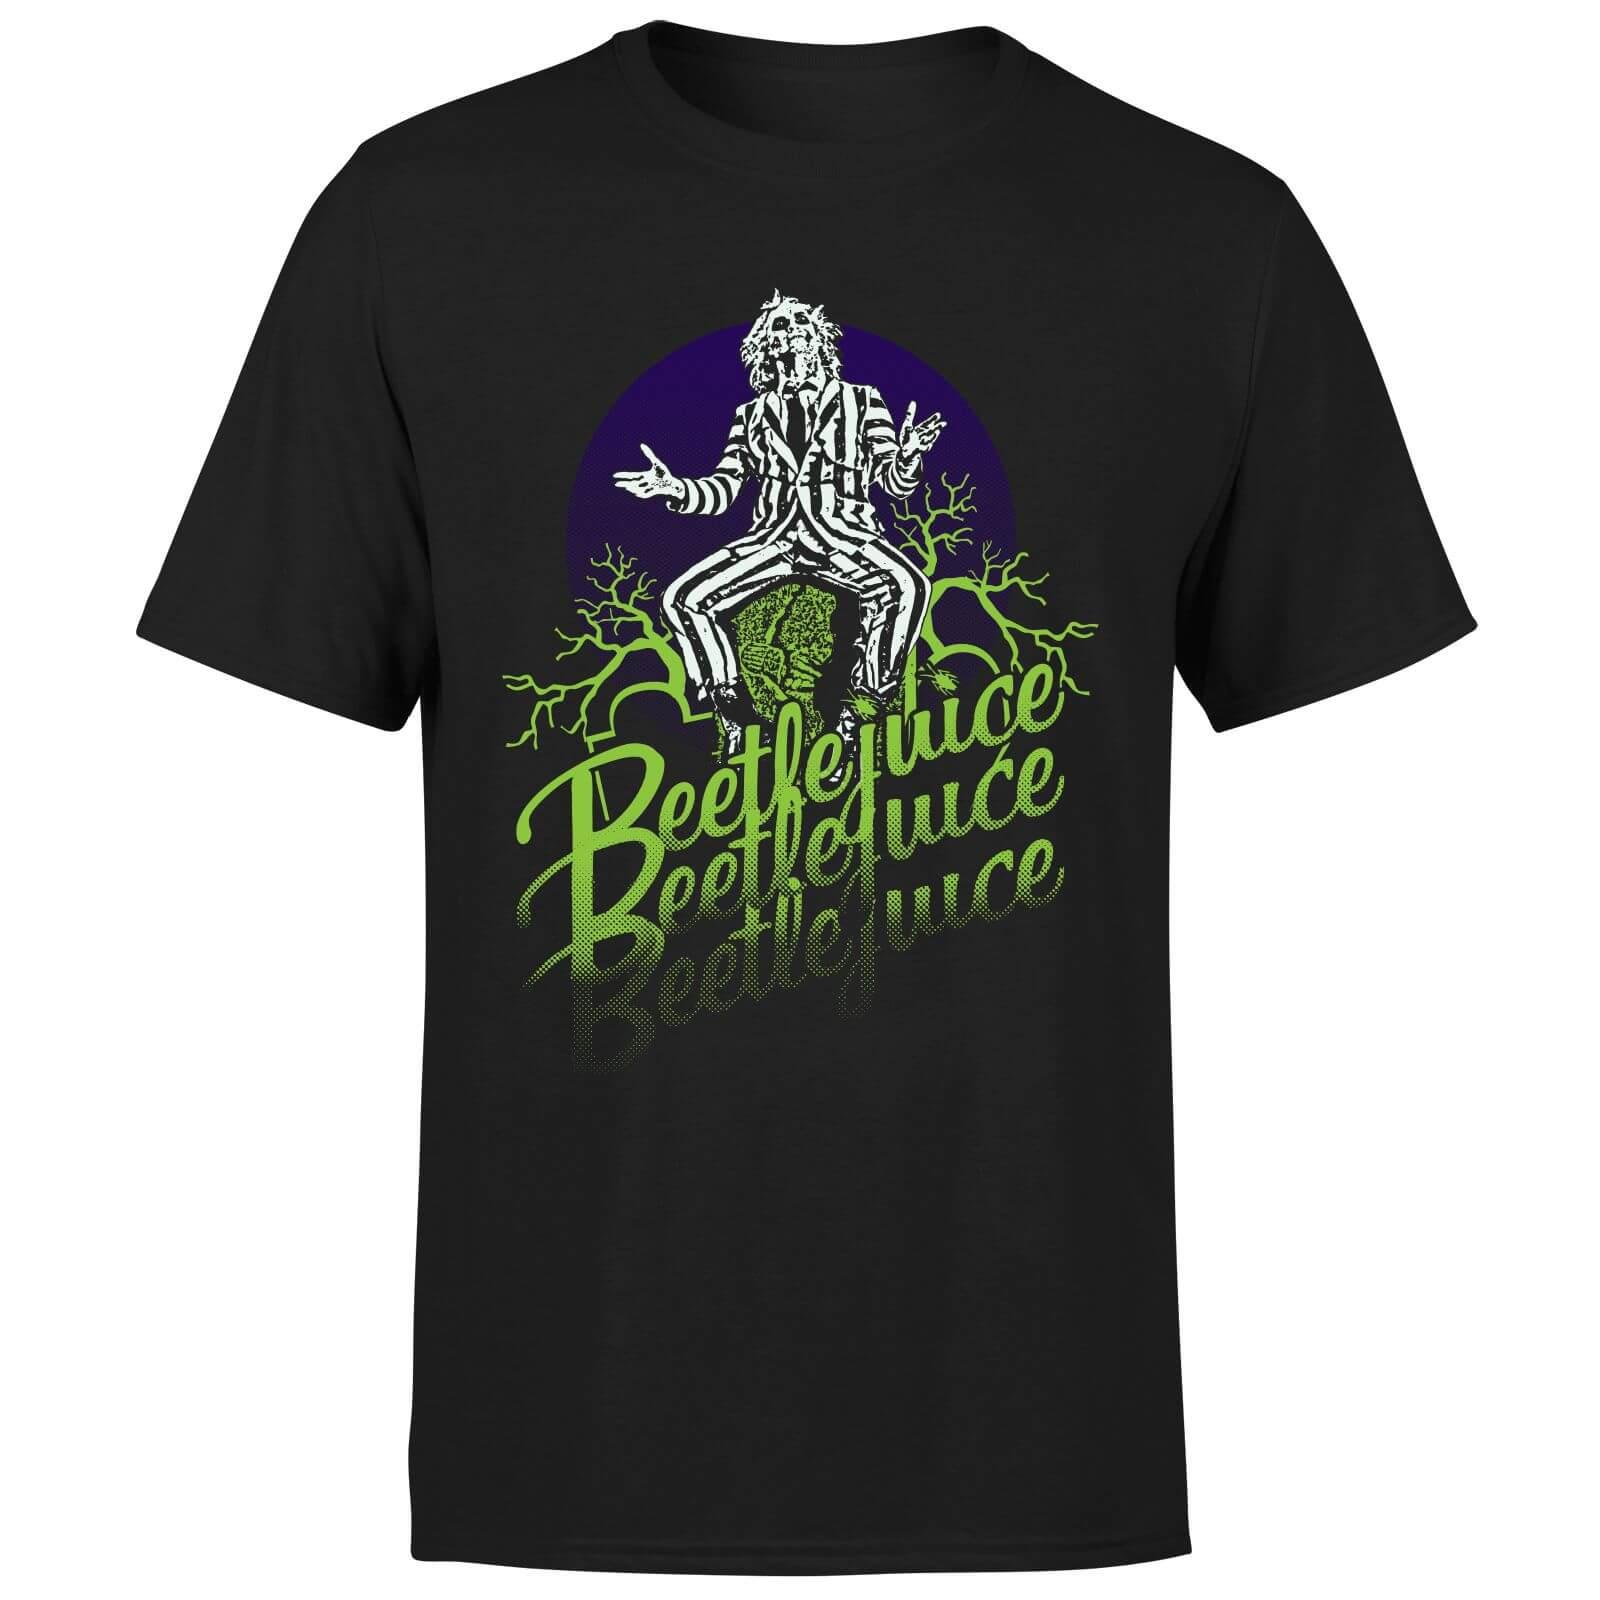 Beetlejuice T-Shirt Homme Beetlejuice Abîmé - Noir - S - Noir